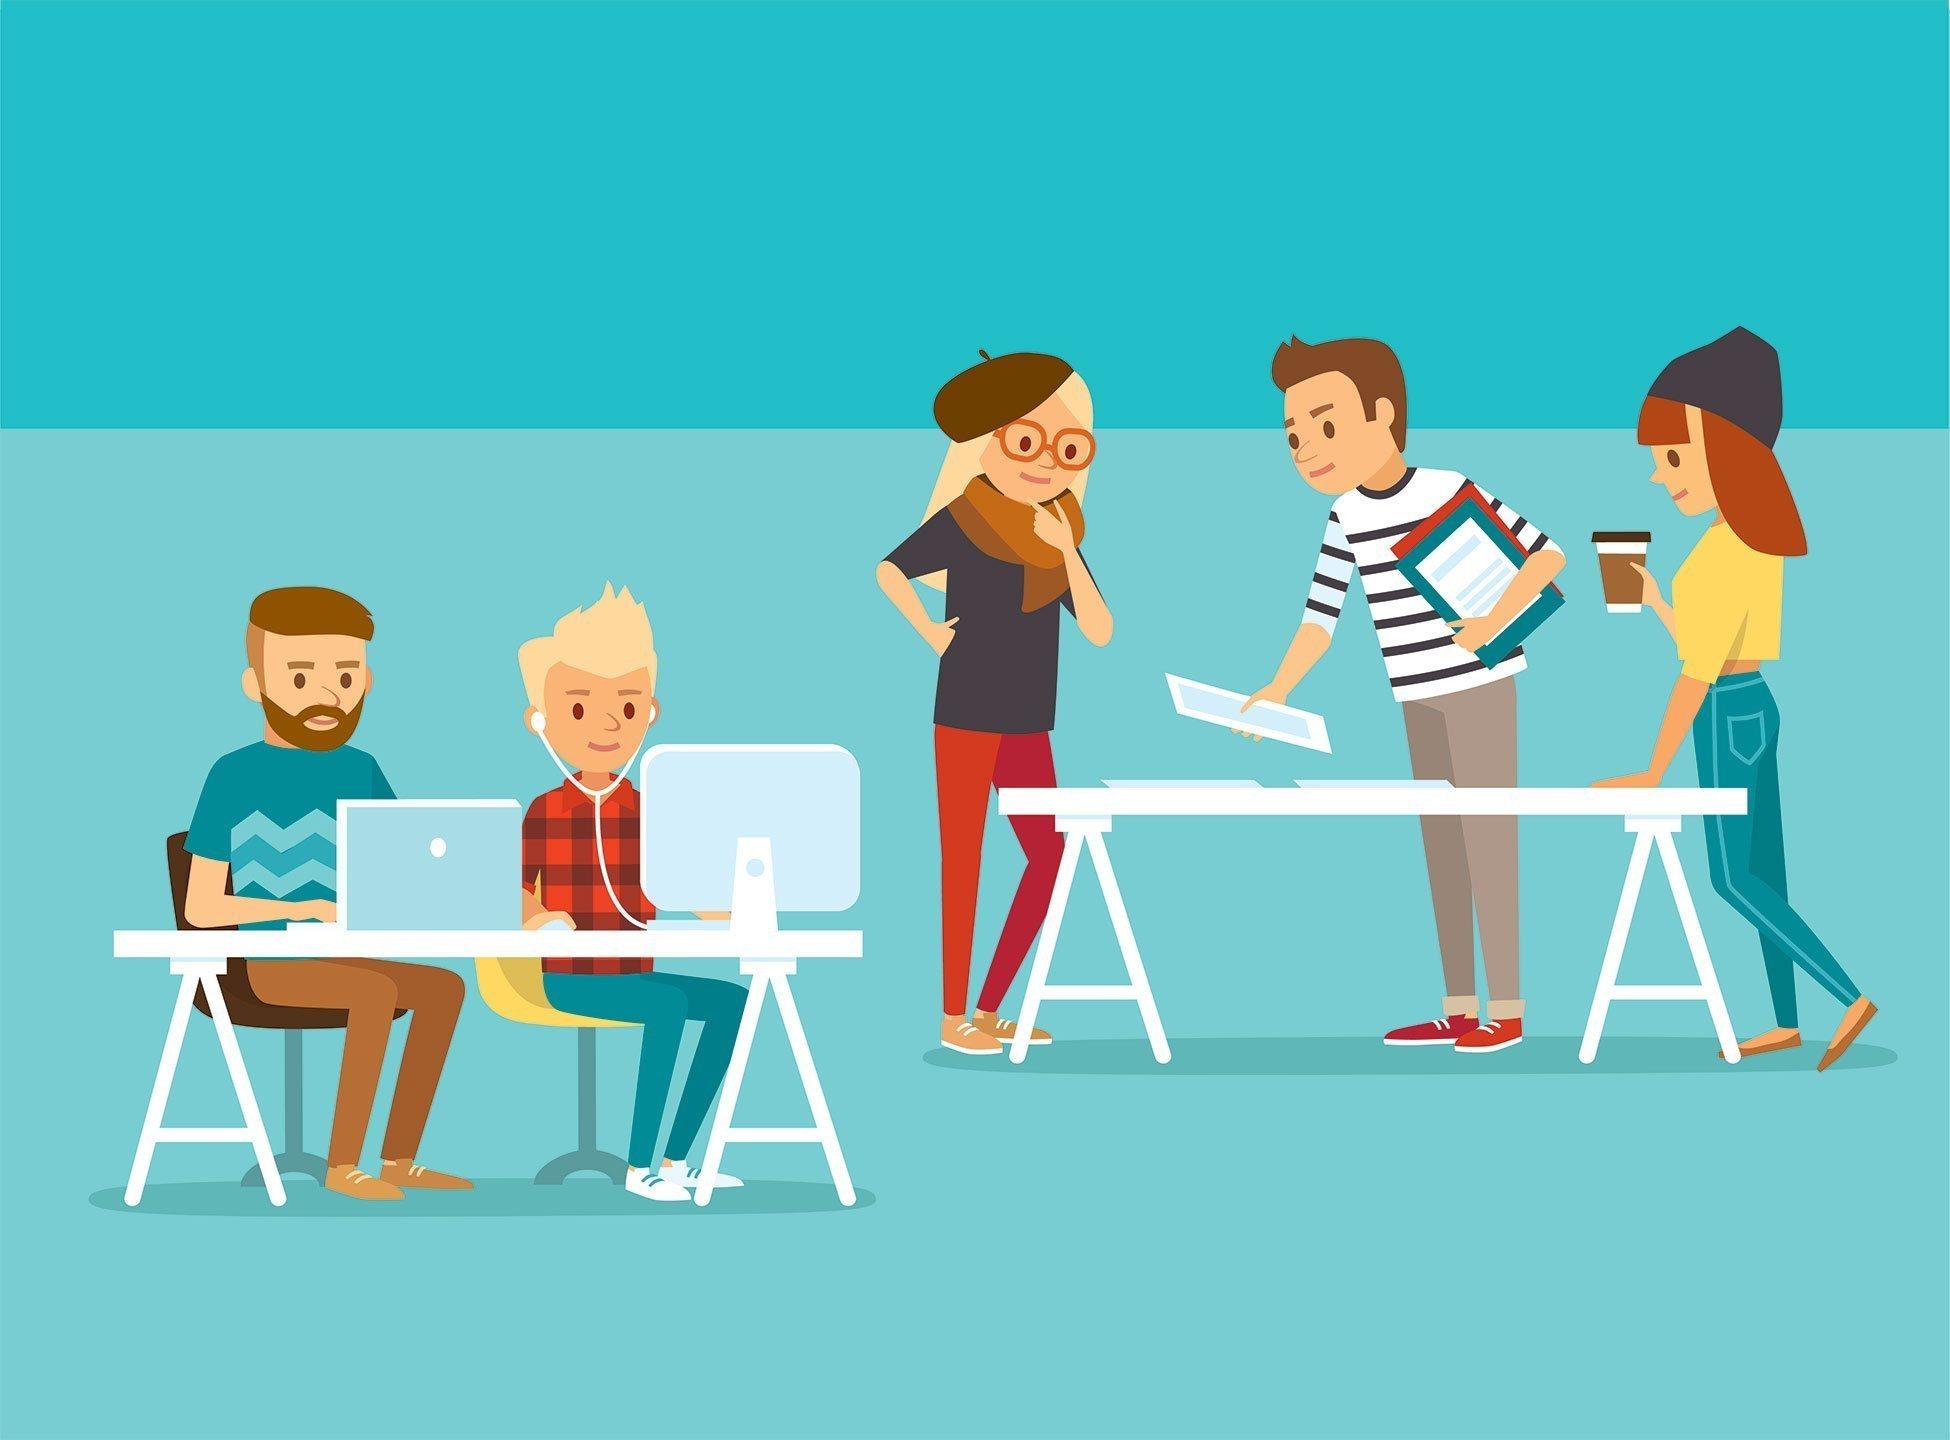 Создание курсов, служб и школ - перспективные бизнес-идеи в 2018